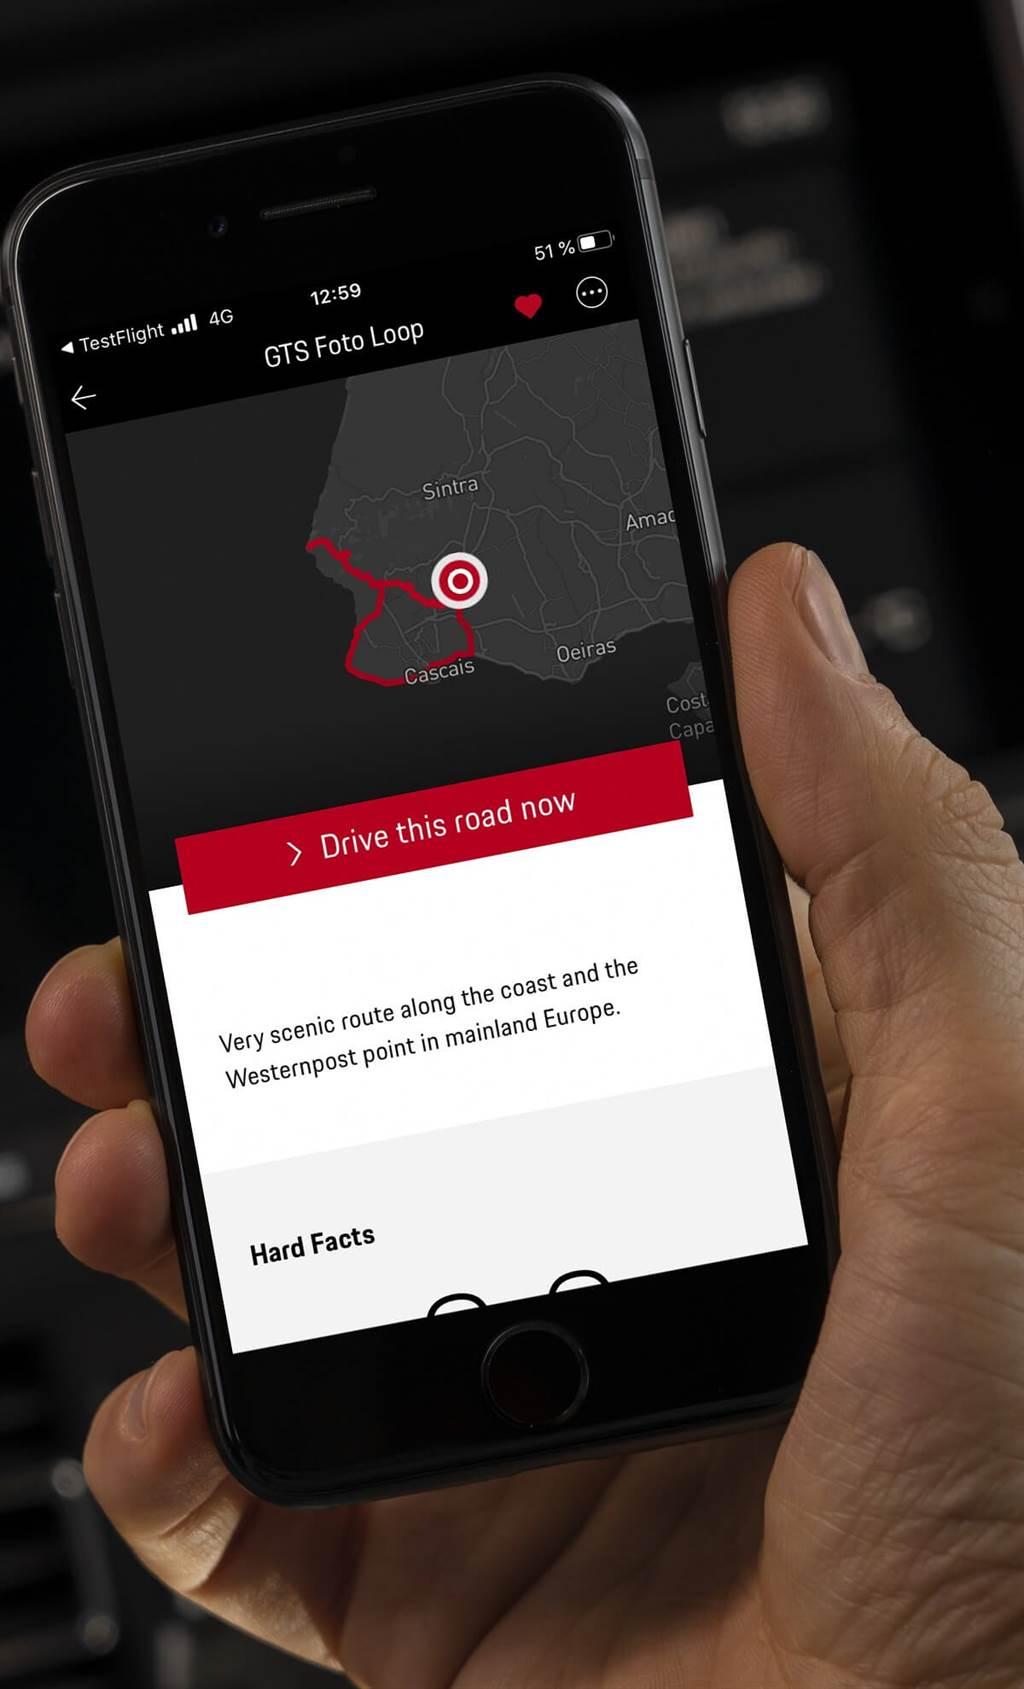 Porsche ROADS App追加新功能 可藉以認識志同道合新朋友